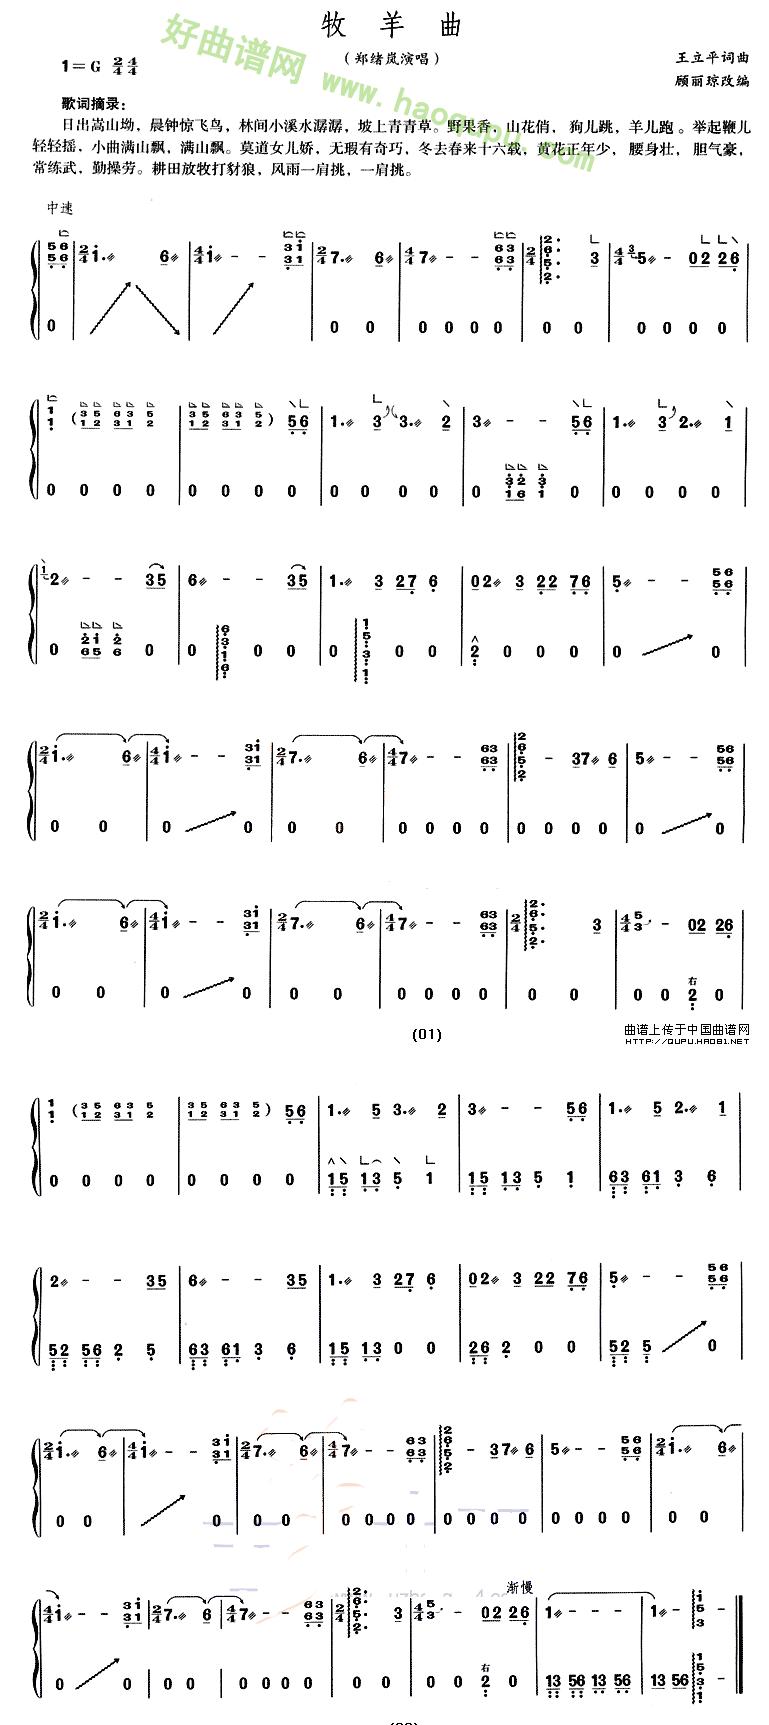 《牧羊曲》(电影《少林寺》插曲)古筝曲谱第1张